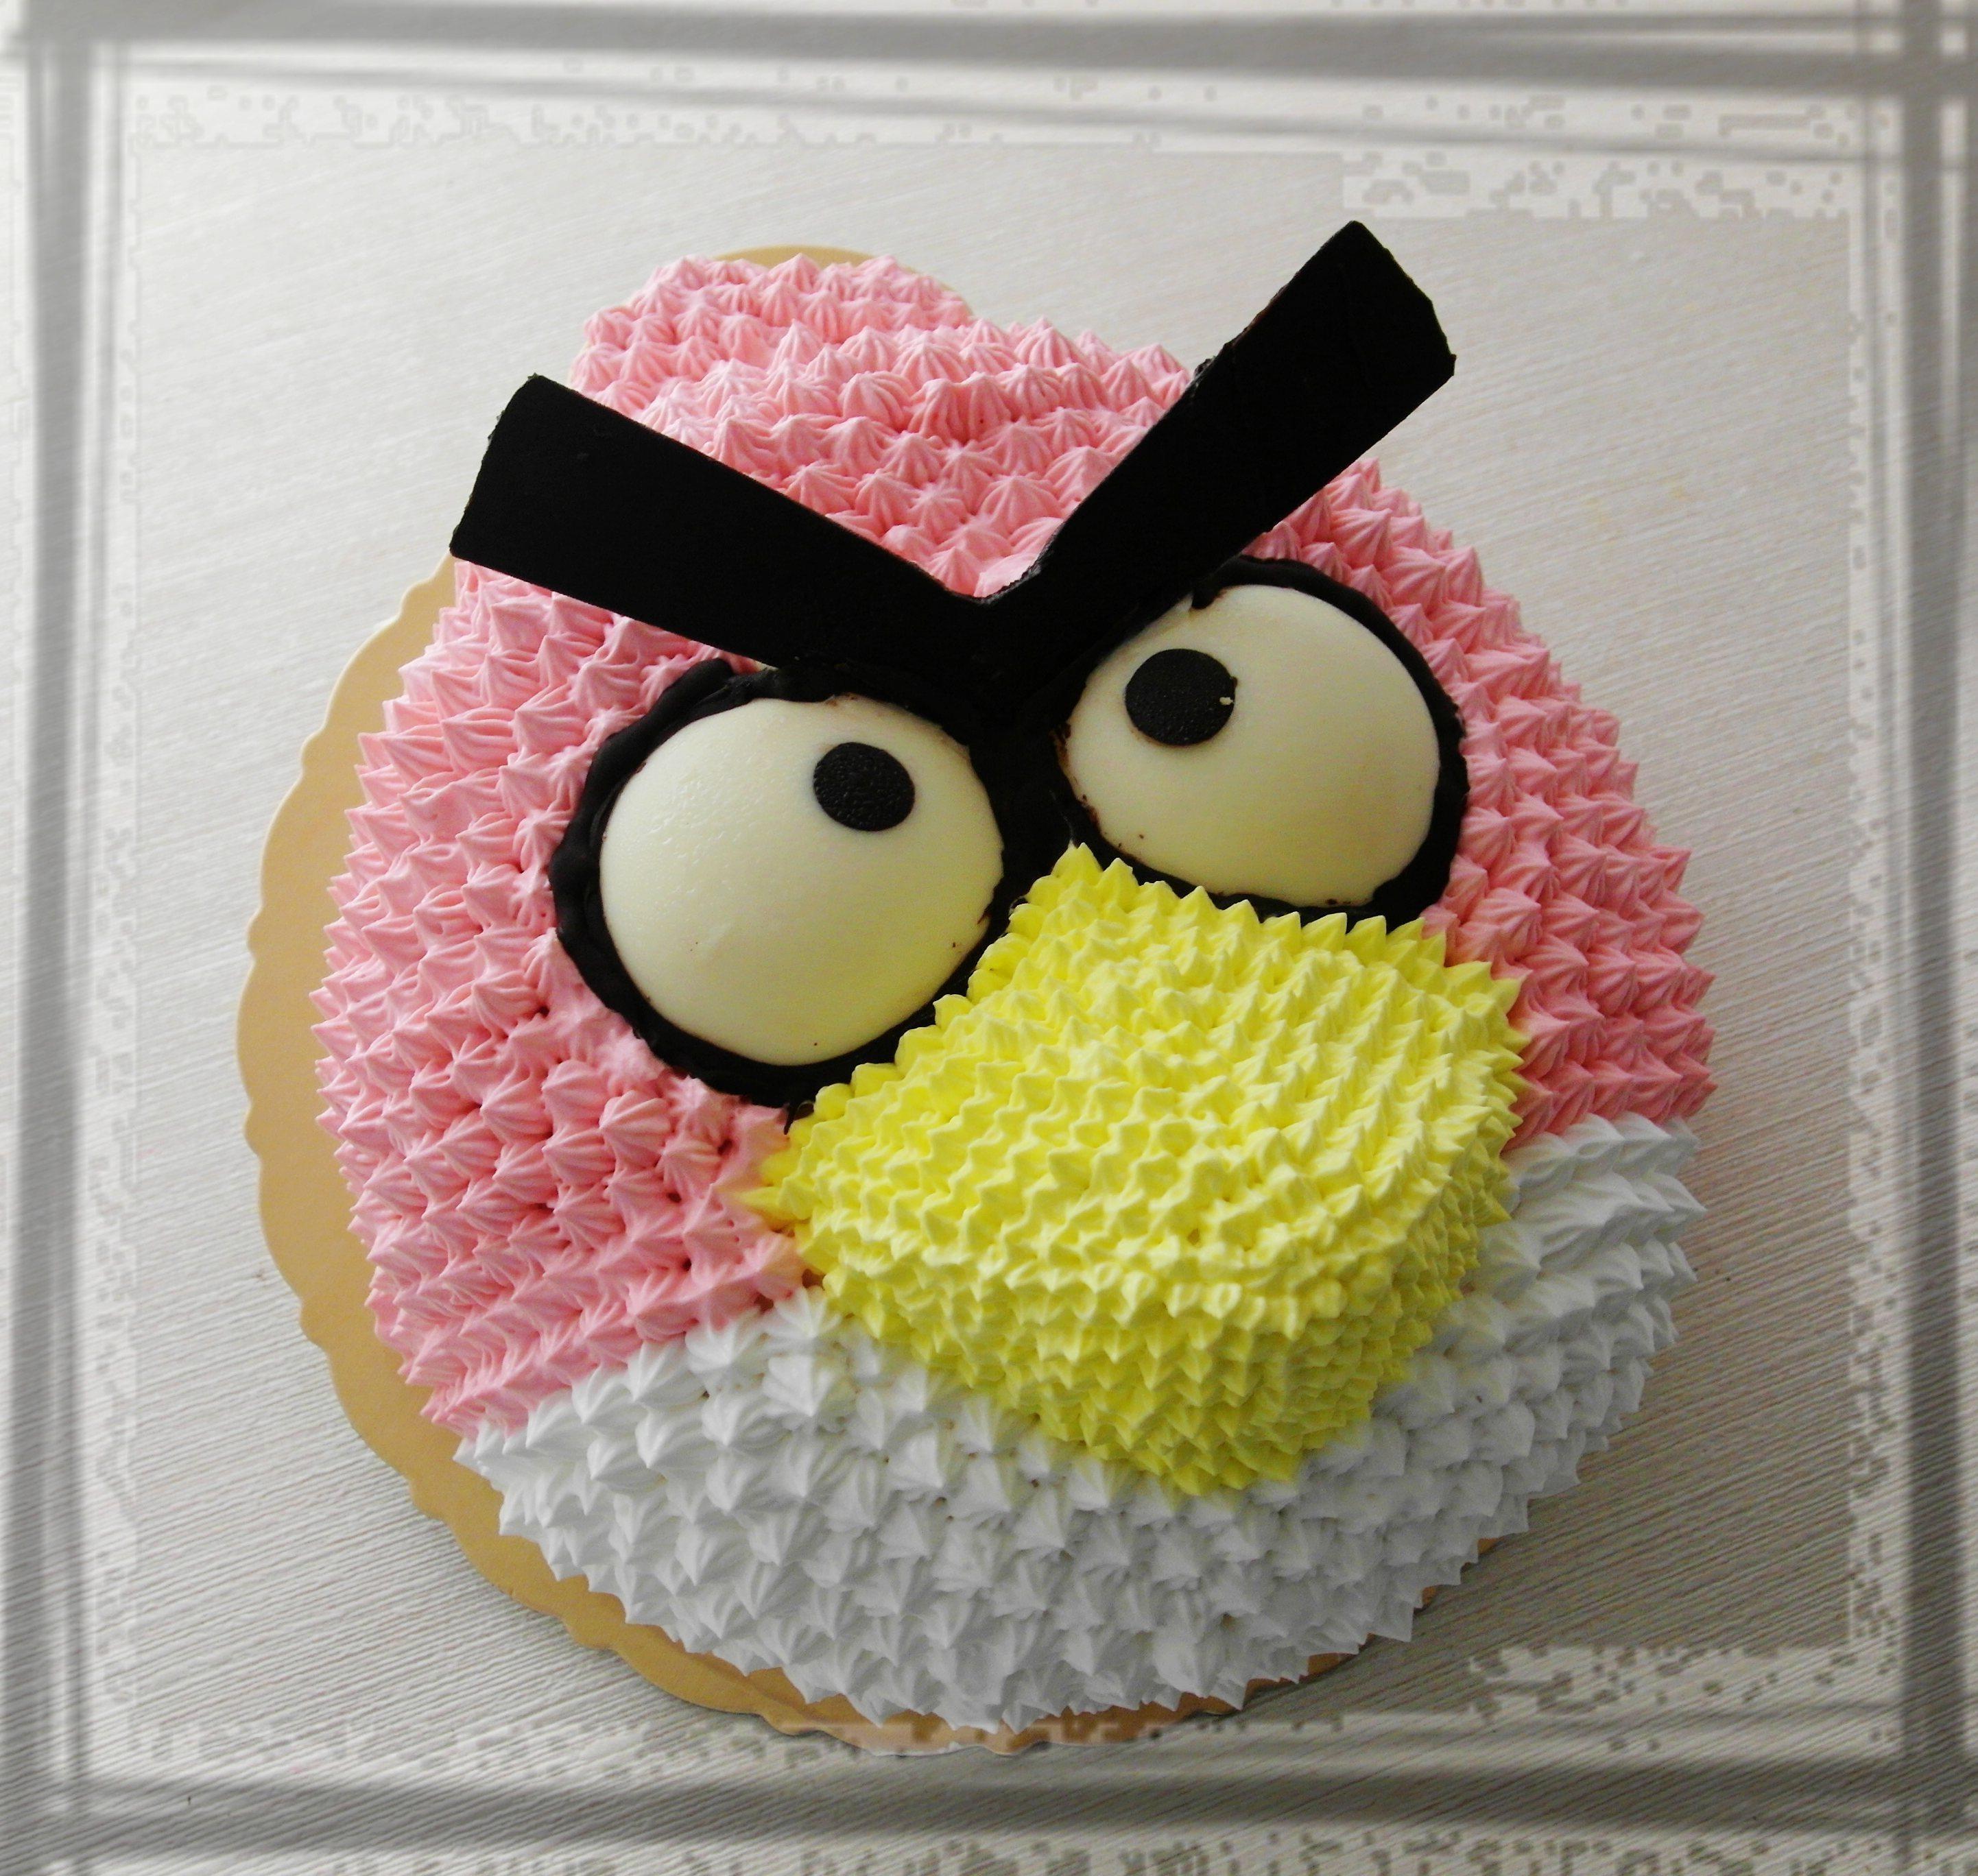 【雄爸手作客製化造型蛋糕】遊戲鳥